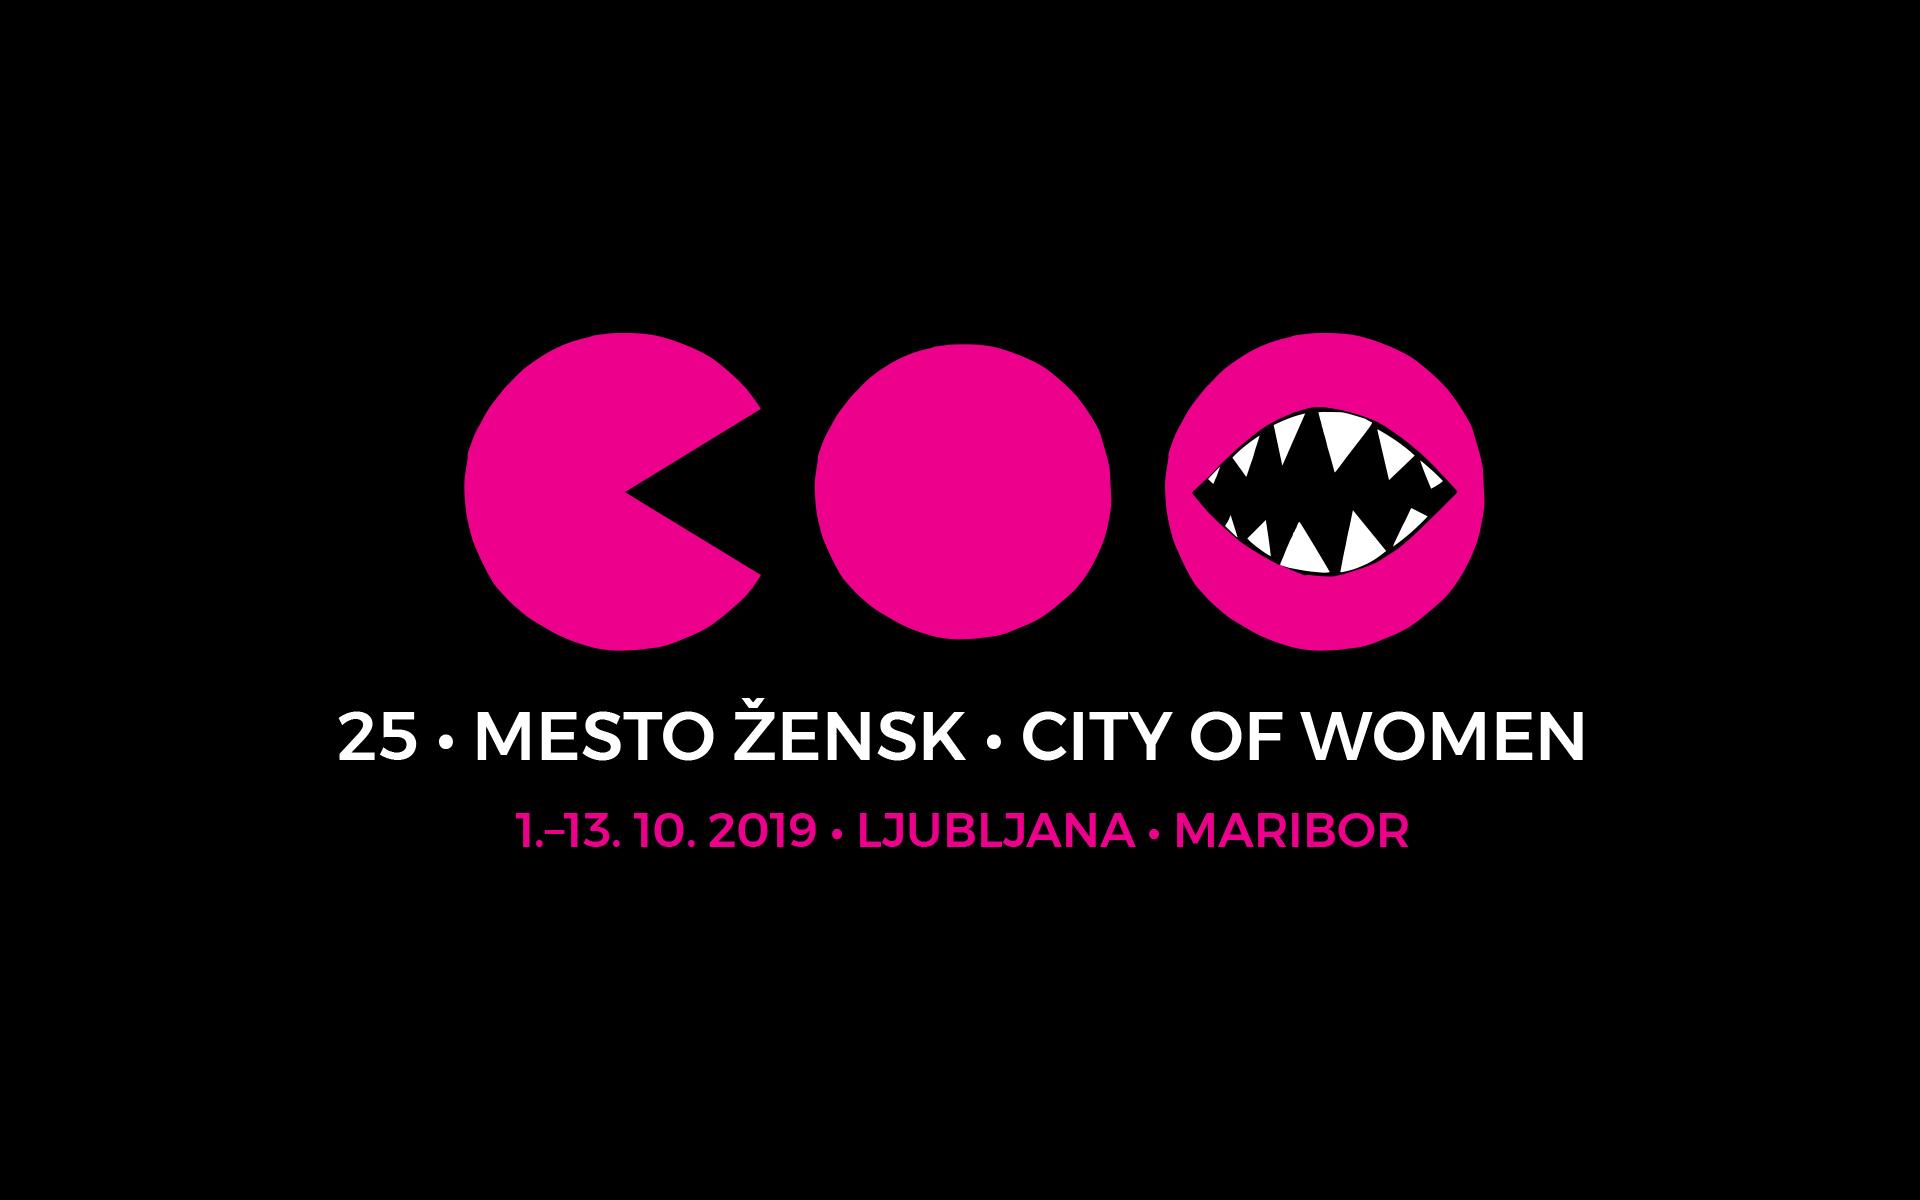 25. festival Mesto žensk